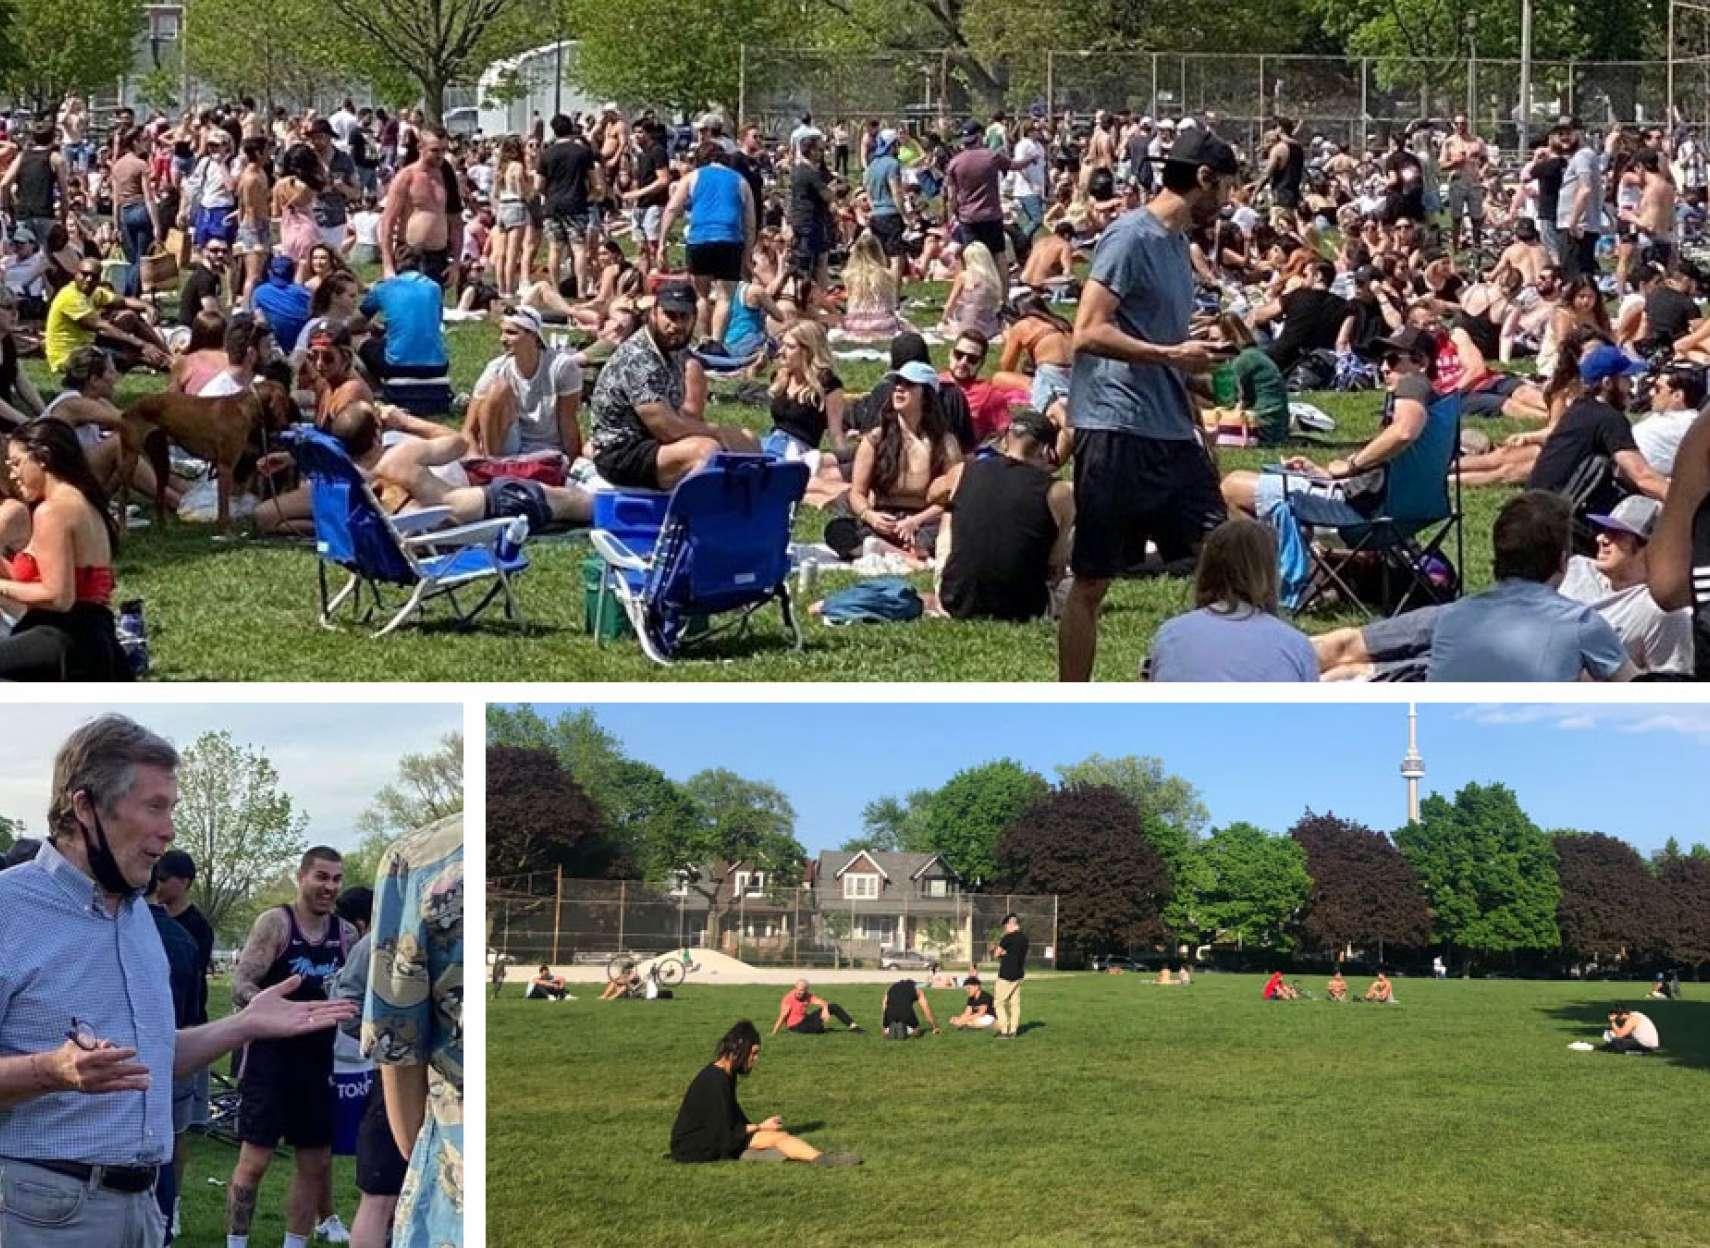 خبر-تورنتو-هجوم-مردم-به-پارک-ها-حمله-به-شهردار-تورنتو-و-درخواست-فورد